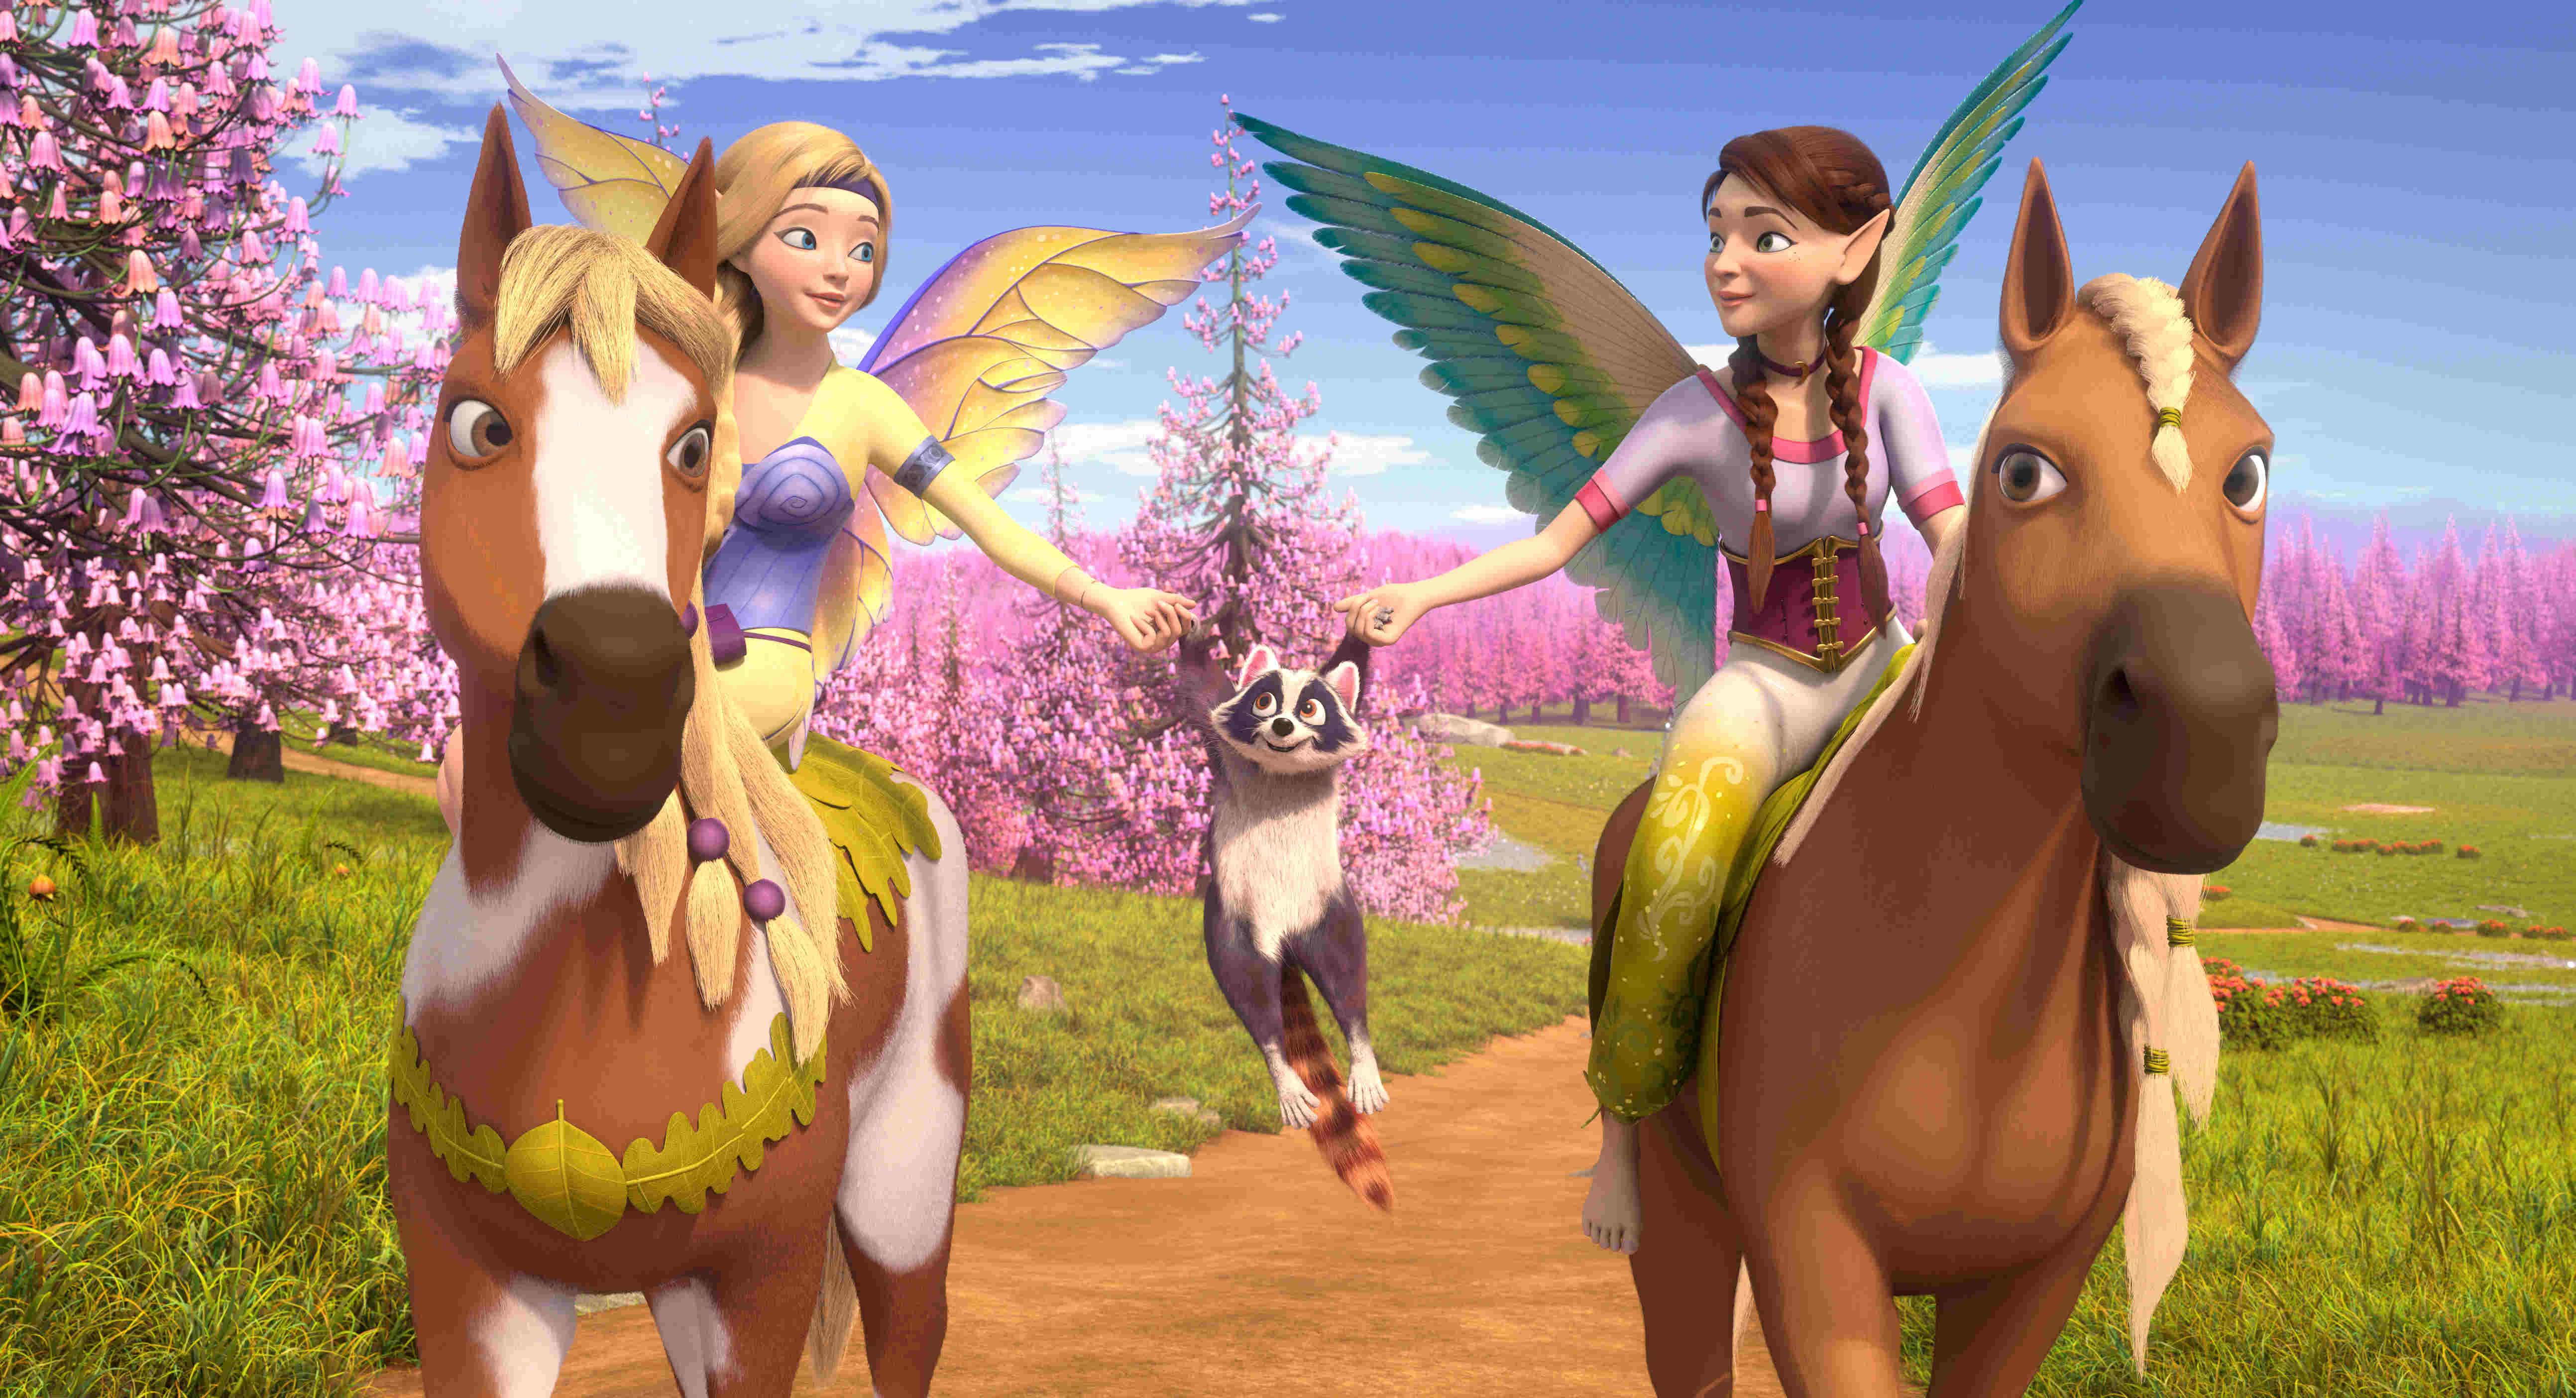 「太陽精靈」公主莎拉與蘇拉雙胞胎姊妹,要護送龍蛋前往龍之峰 連浣熊都加入陣容